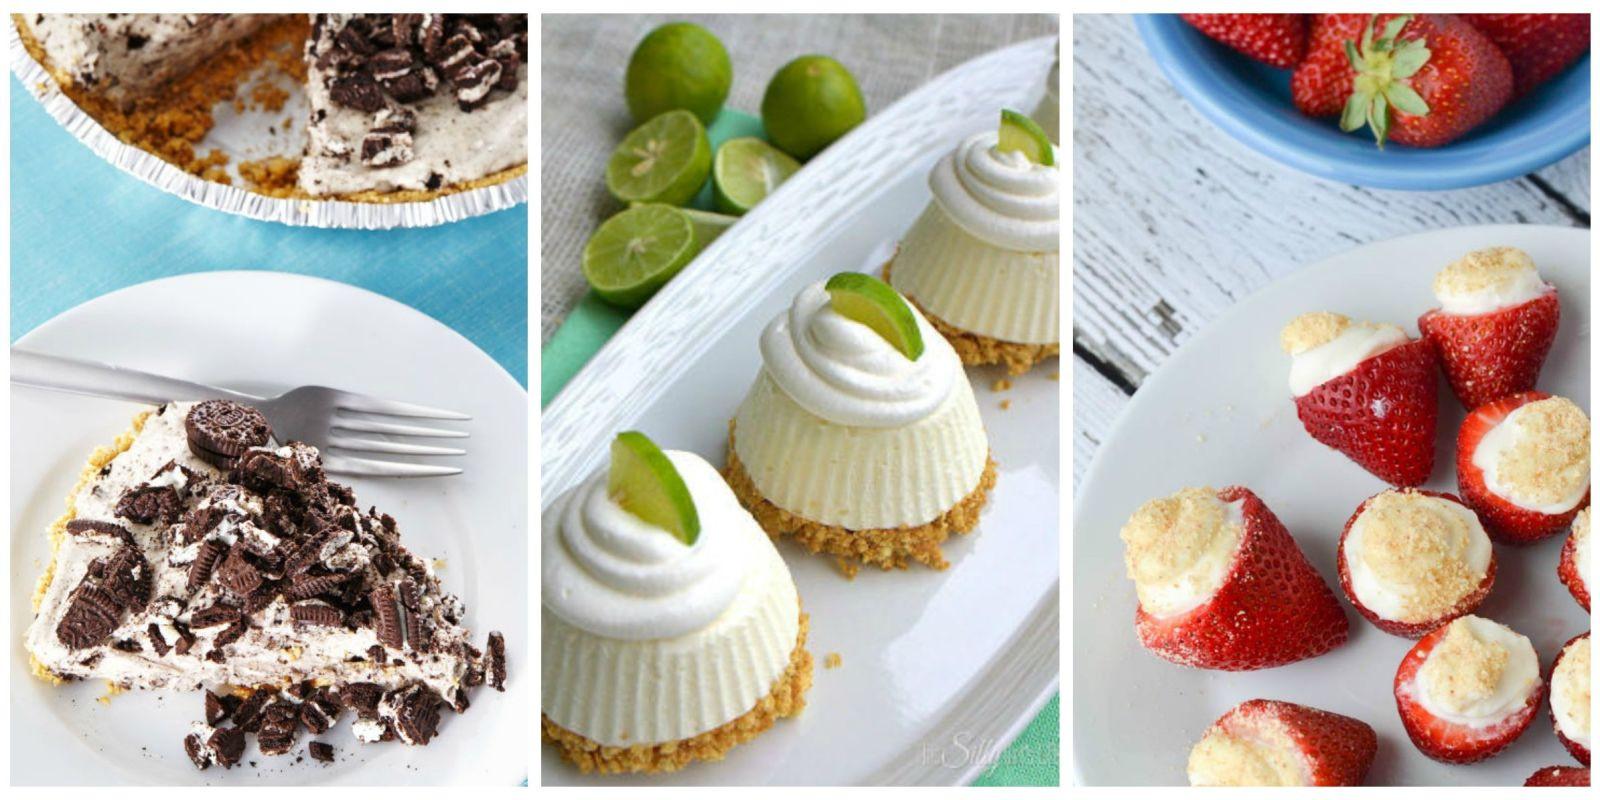 Summer Dessert Idea  57 Easy Summer Desserts Best Recipes for Frozen Summer